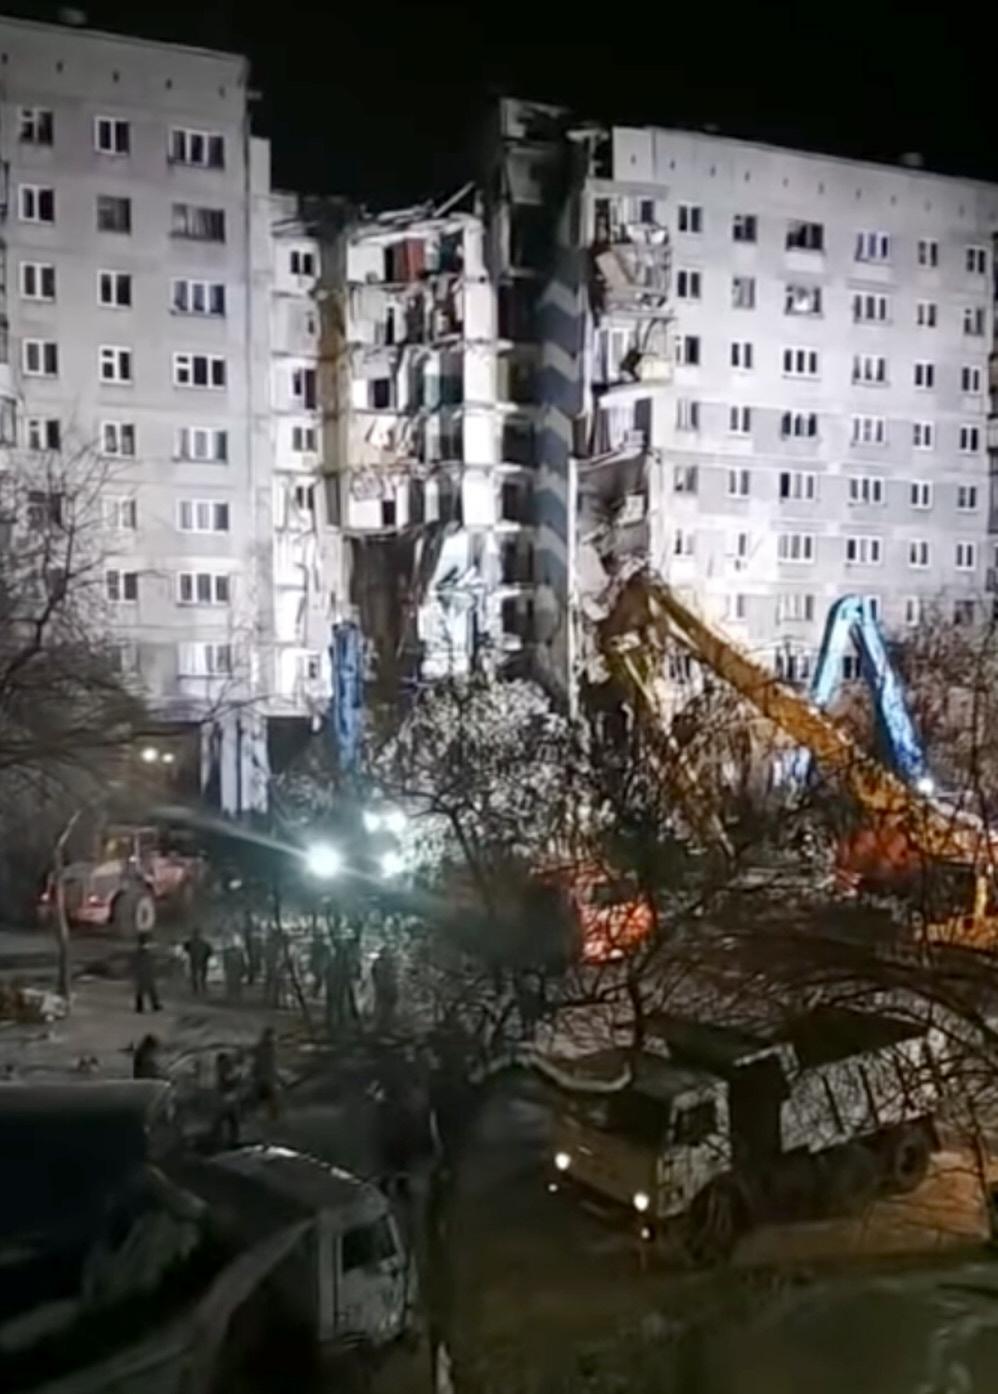 Разбор завалов 2 января 2019 года после взрыва жилого дома в Магнитогорске. Любительская съемка. «Википедия»